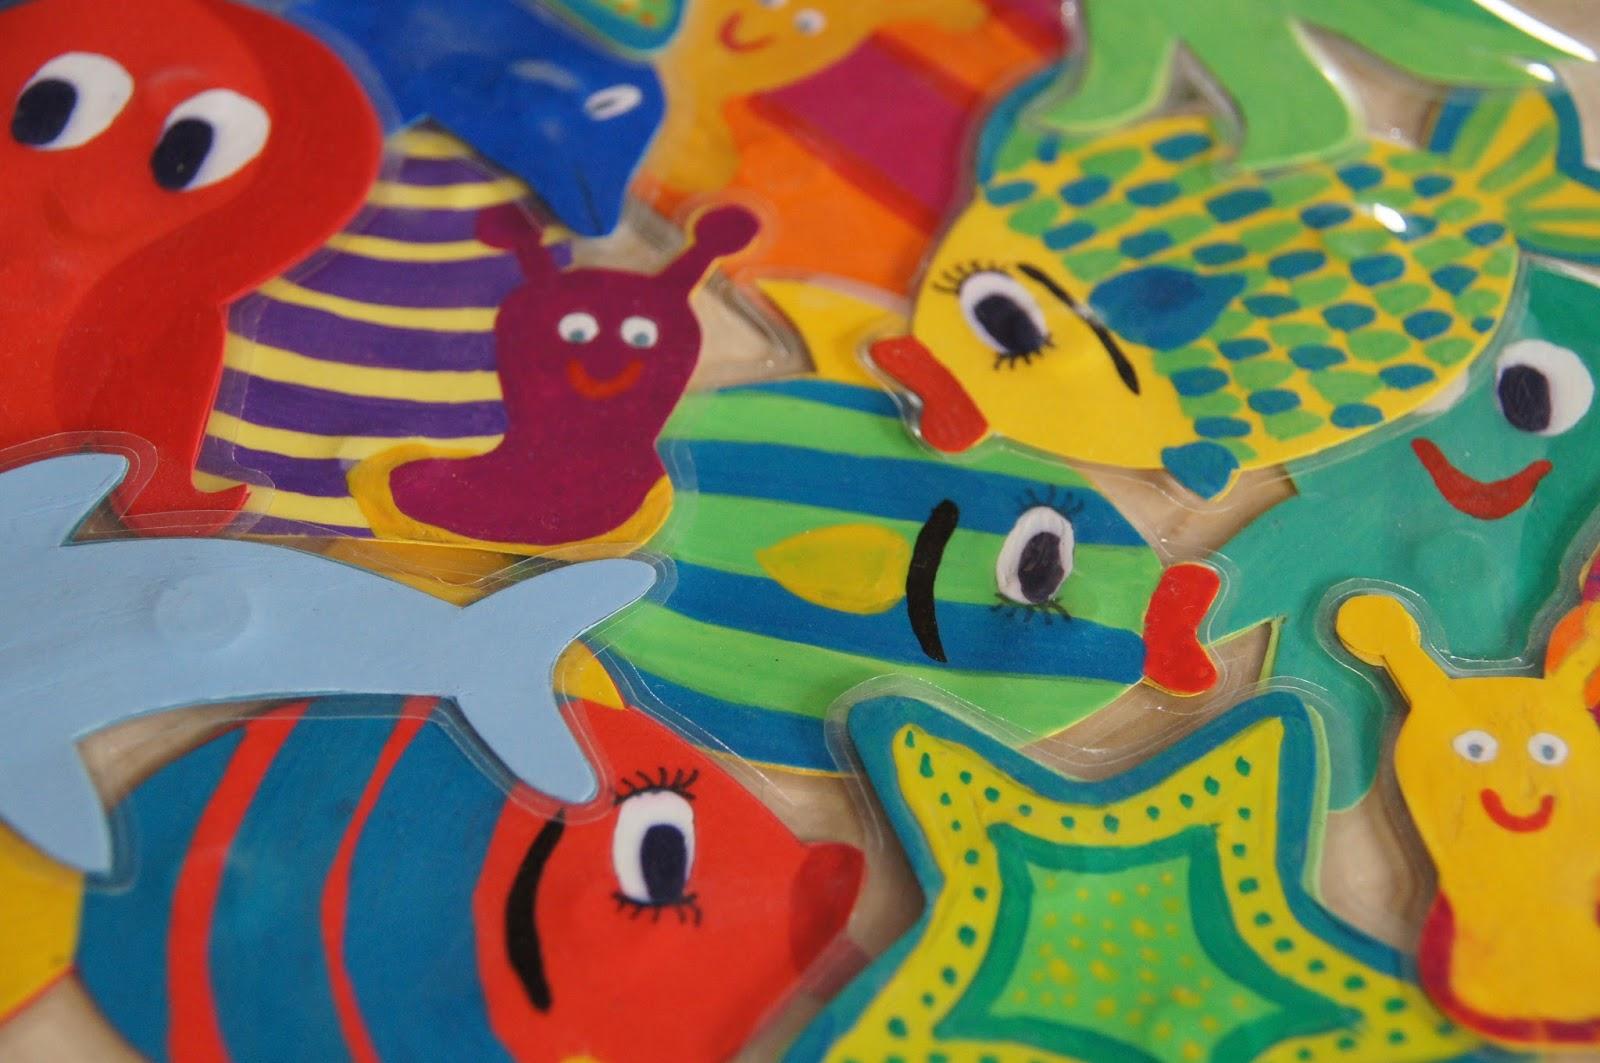 Namensschilder Aus Holz FUr Kinderzimmer ~   aus Du brauchst für jeden fertigen Fisch 2 kongruente Papierfische